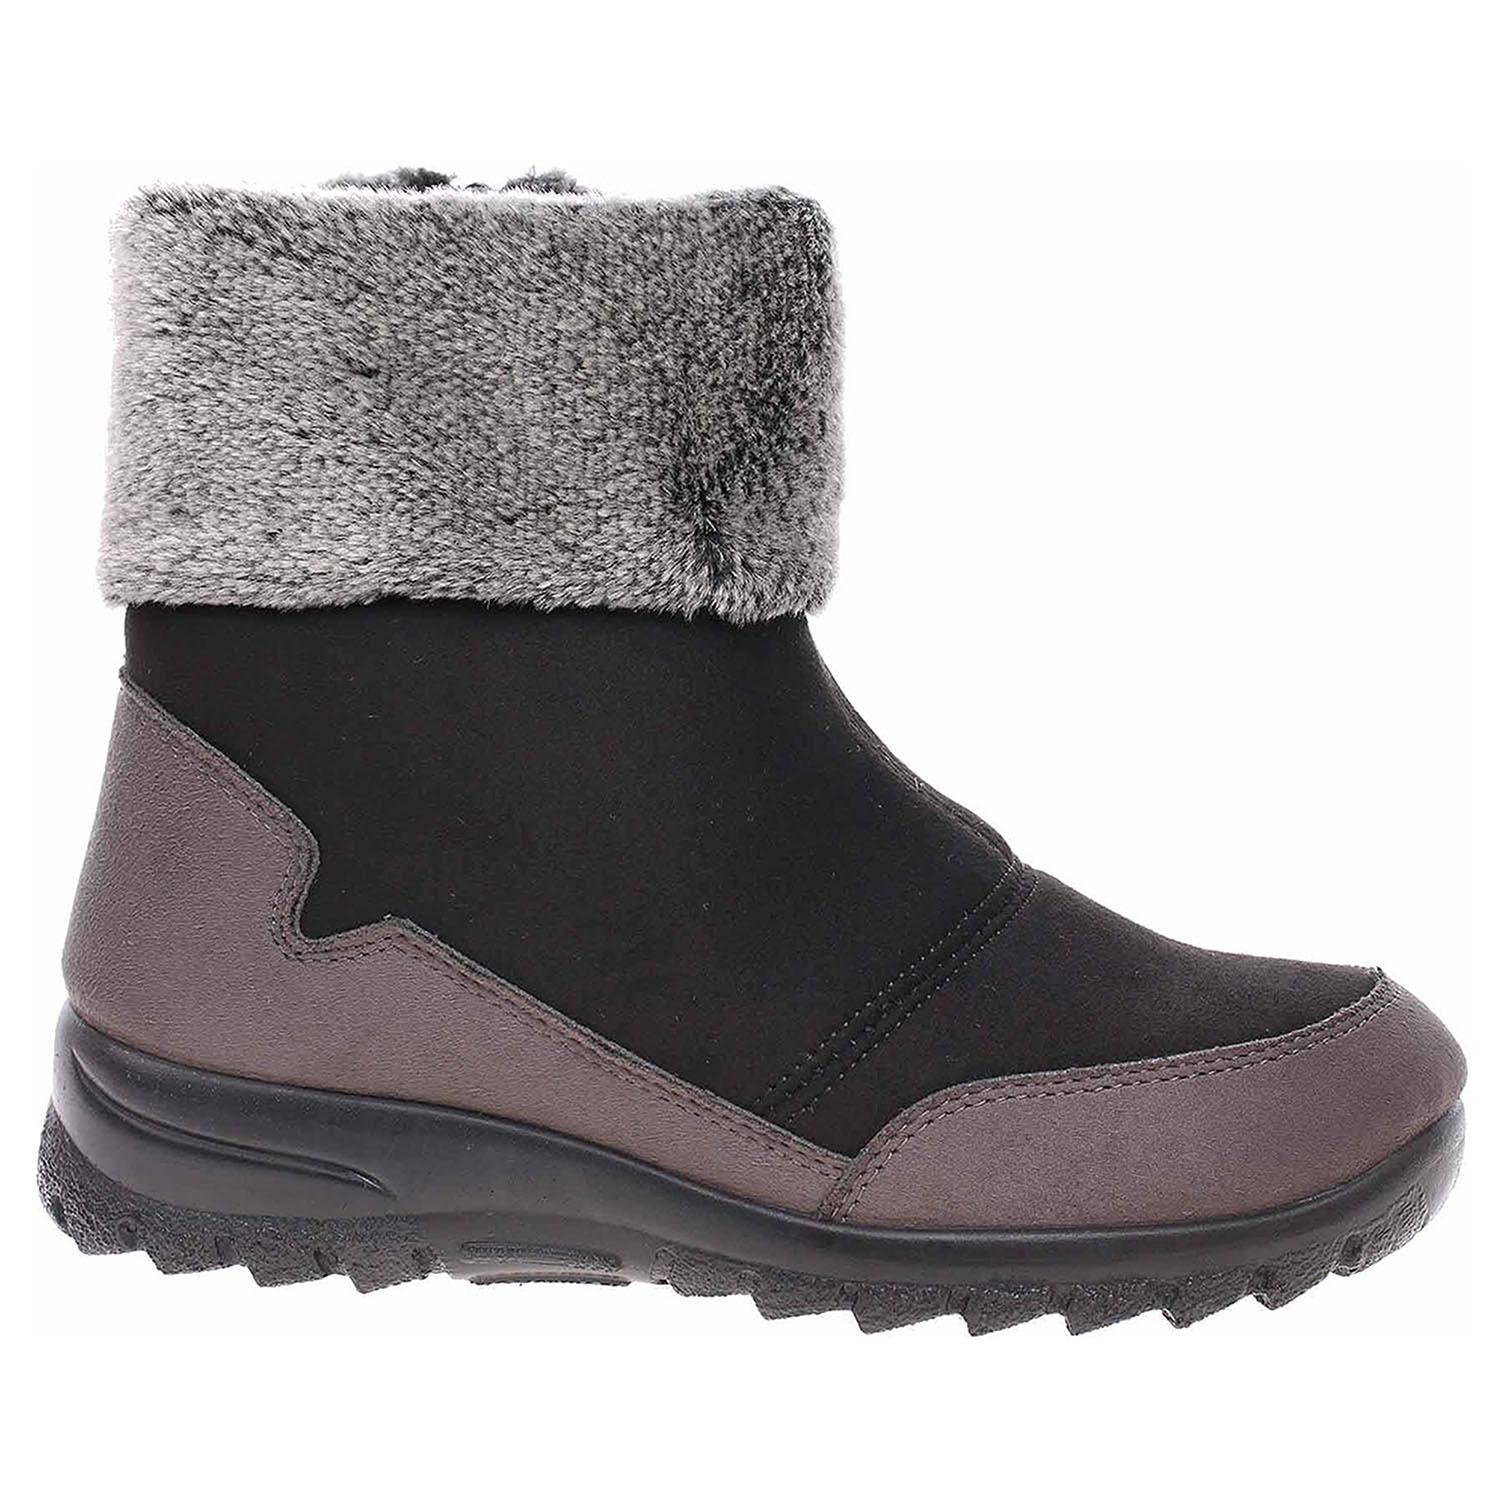 Dámská obuv Rogallo 4509-000 černá 4509/000 černá 37